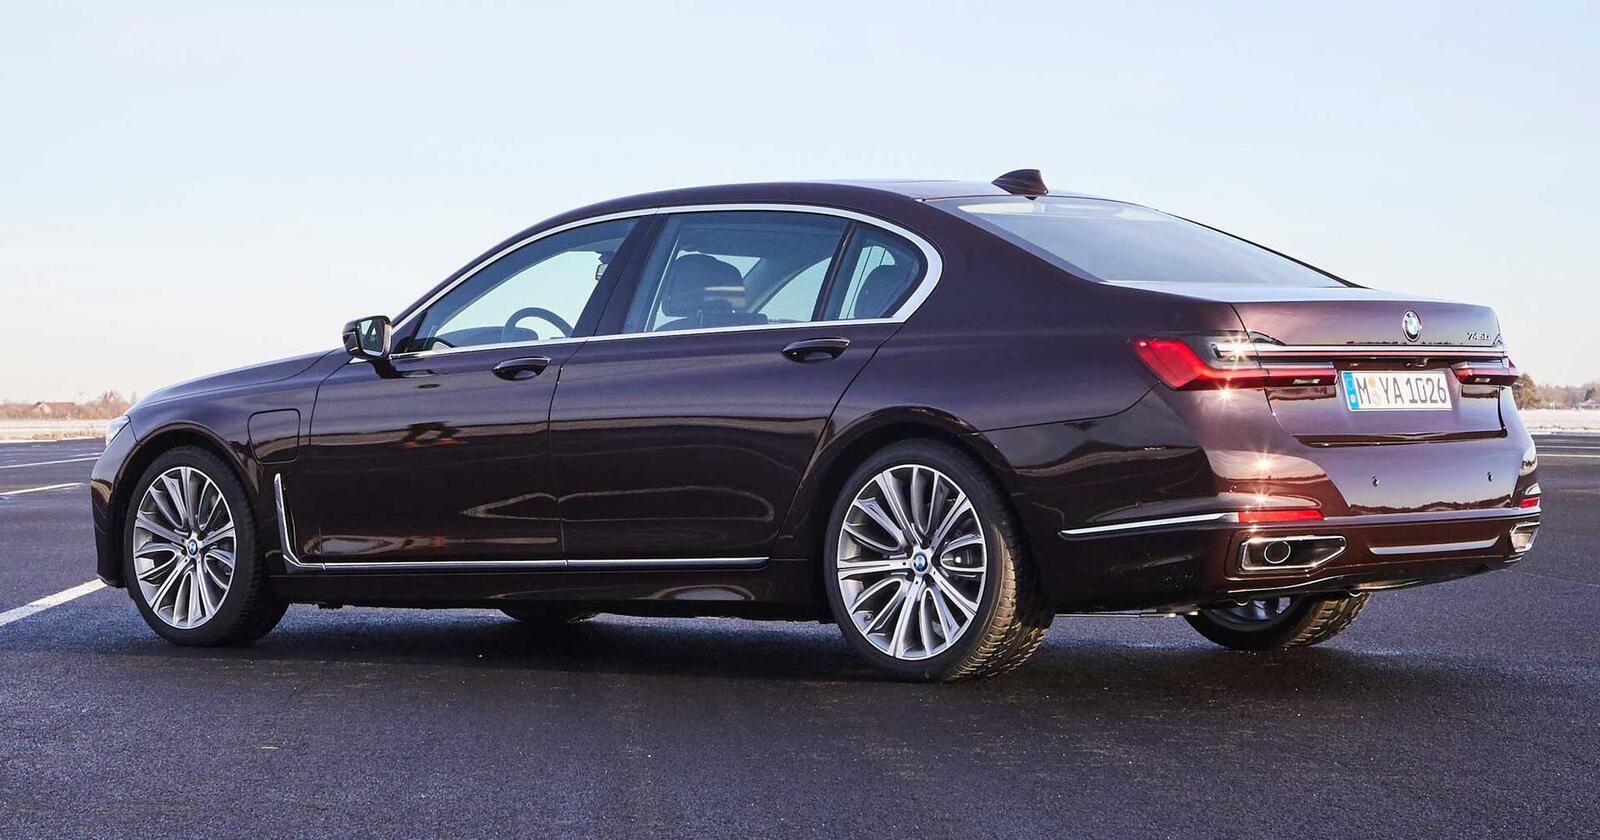 BMW giới thiệu 7 Series PHEV 2020 mới; lắp động cơ 3.0L mới thay chế cho 2.0L cũ - Hình 14